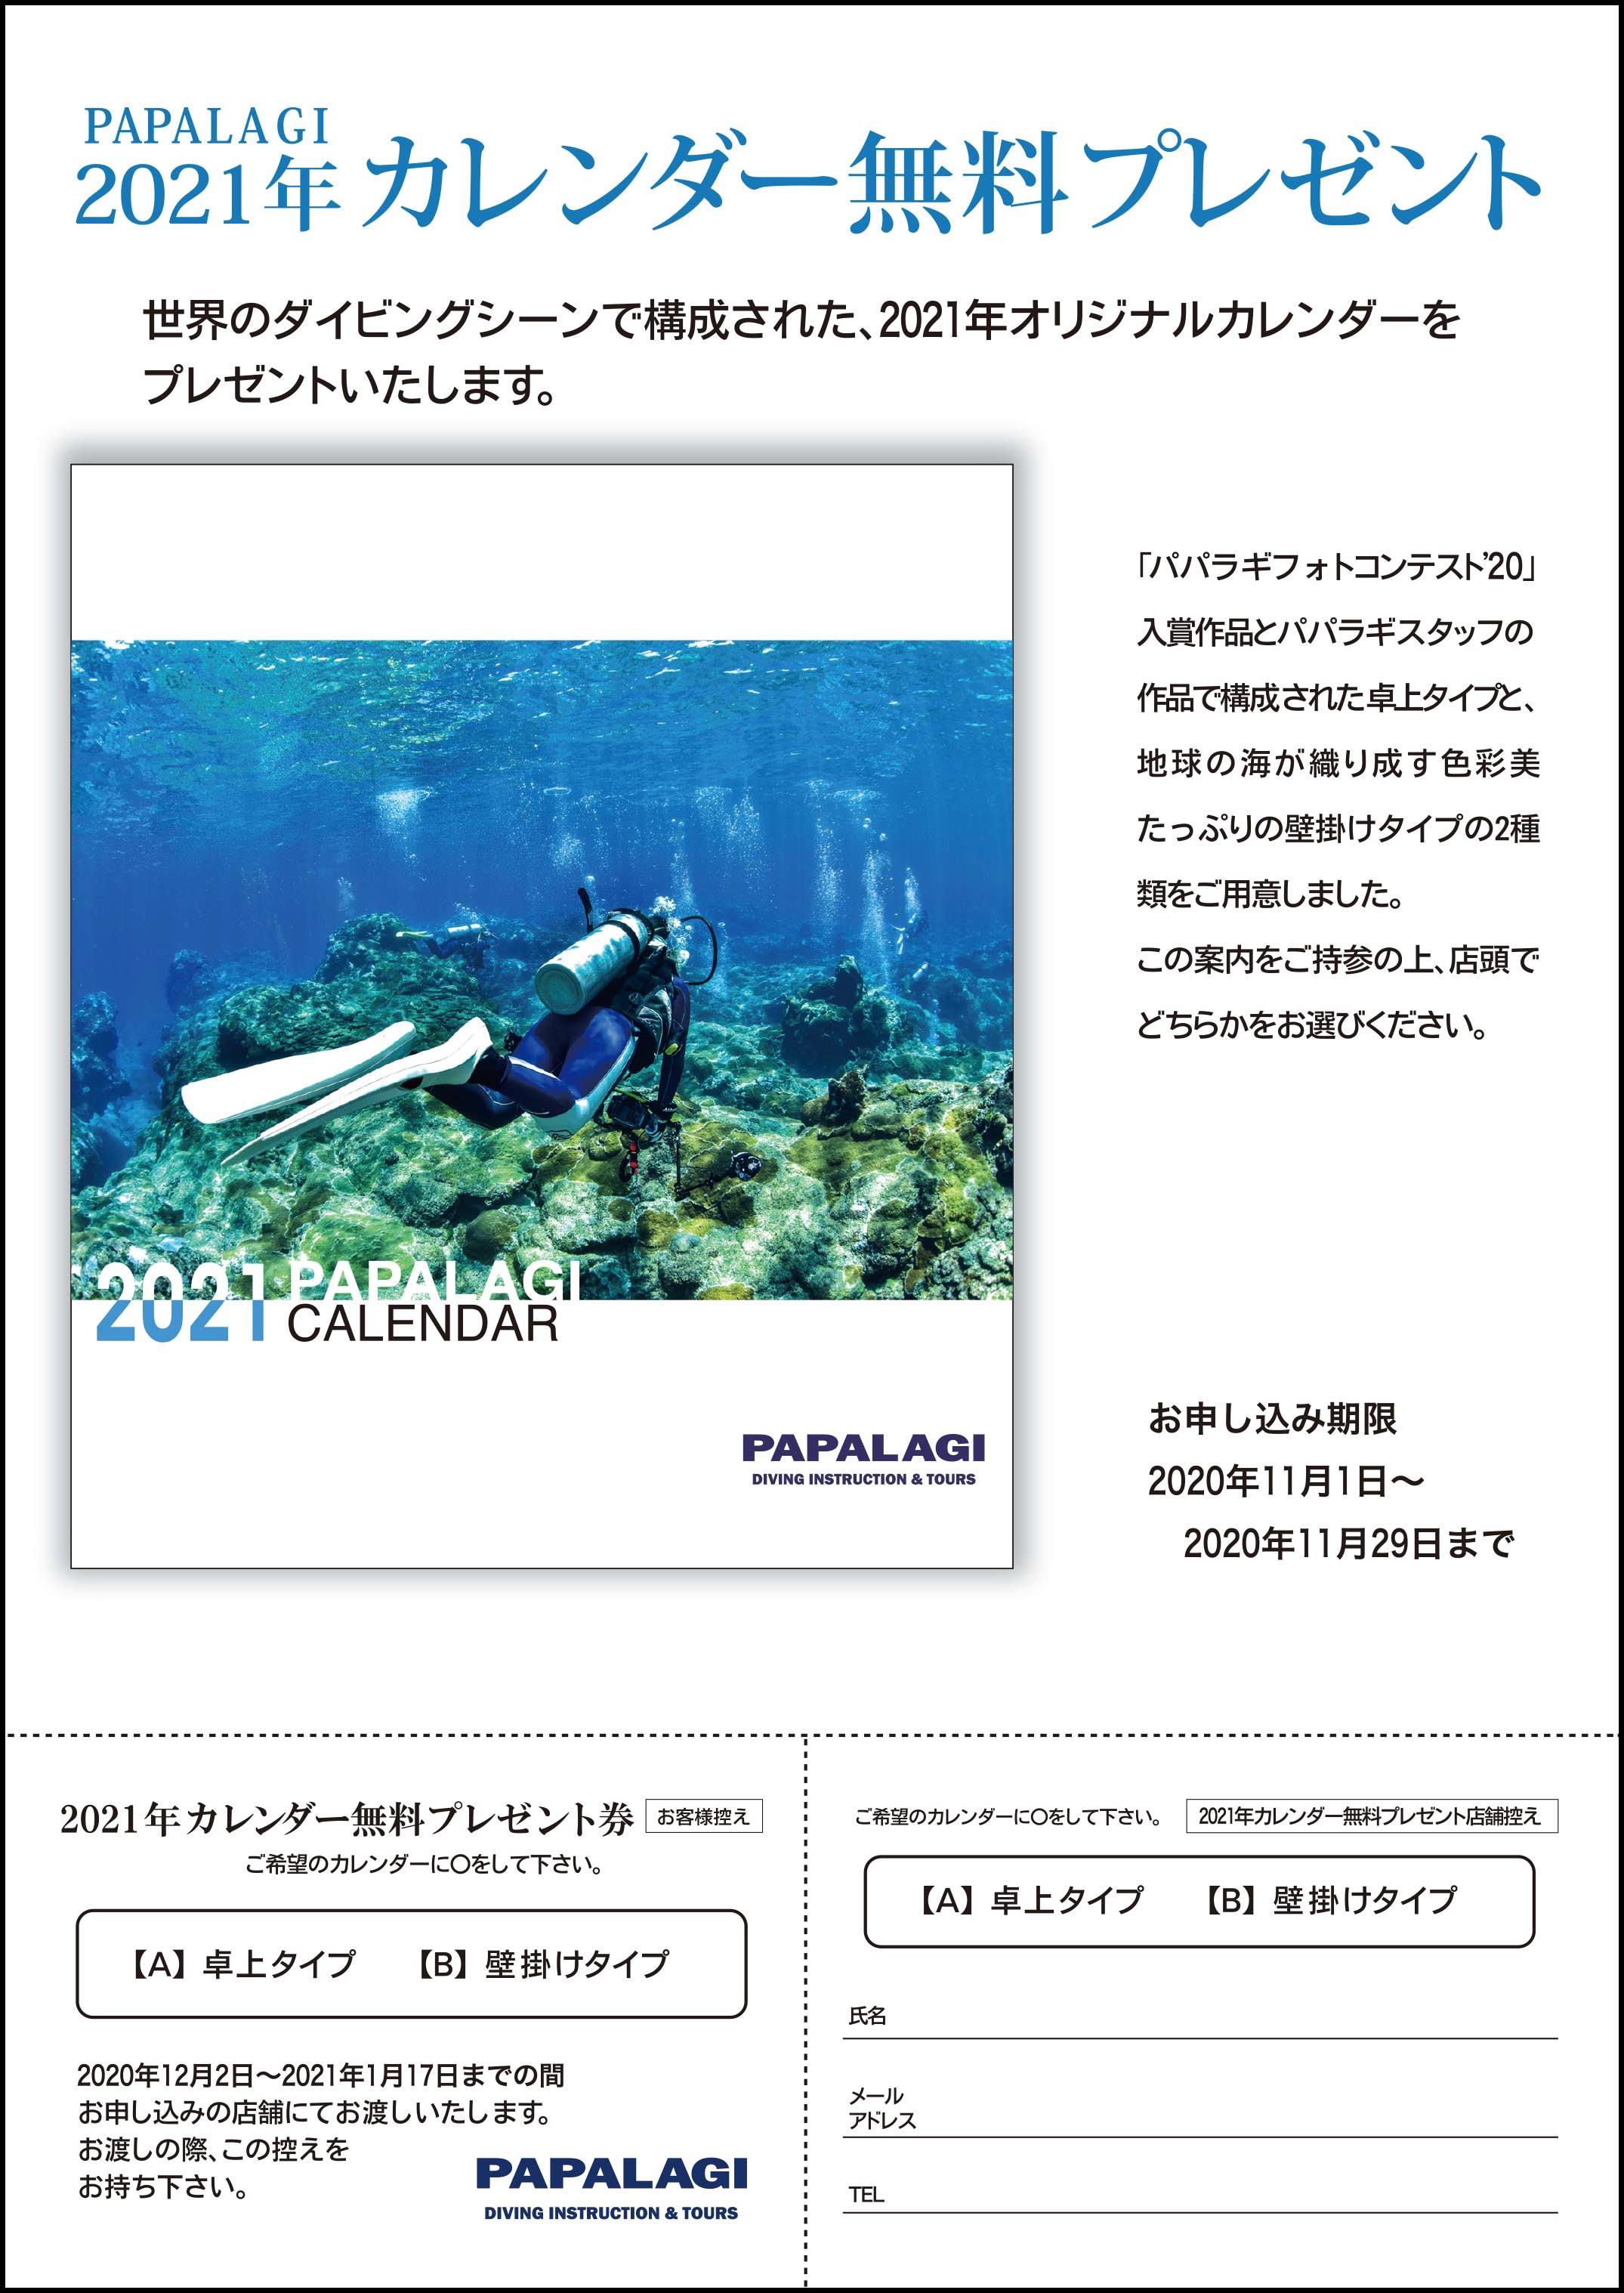 パパラギ2021年カレンダー無料プレゼント